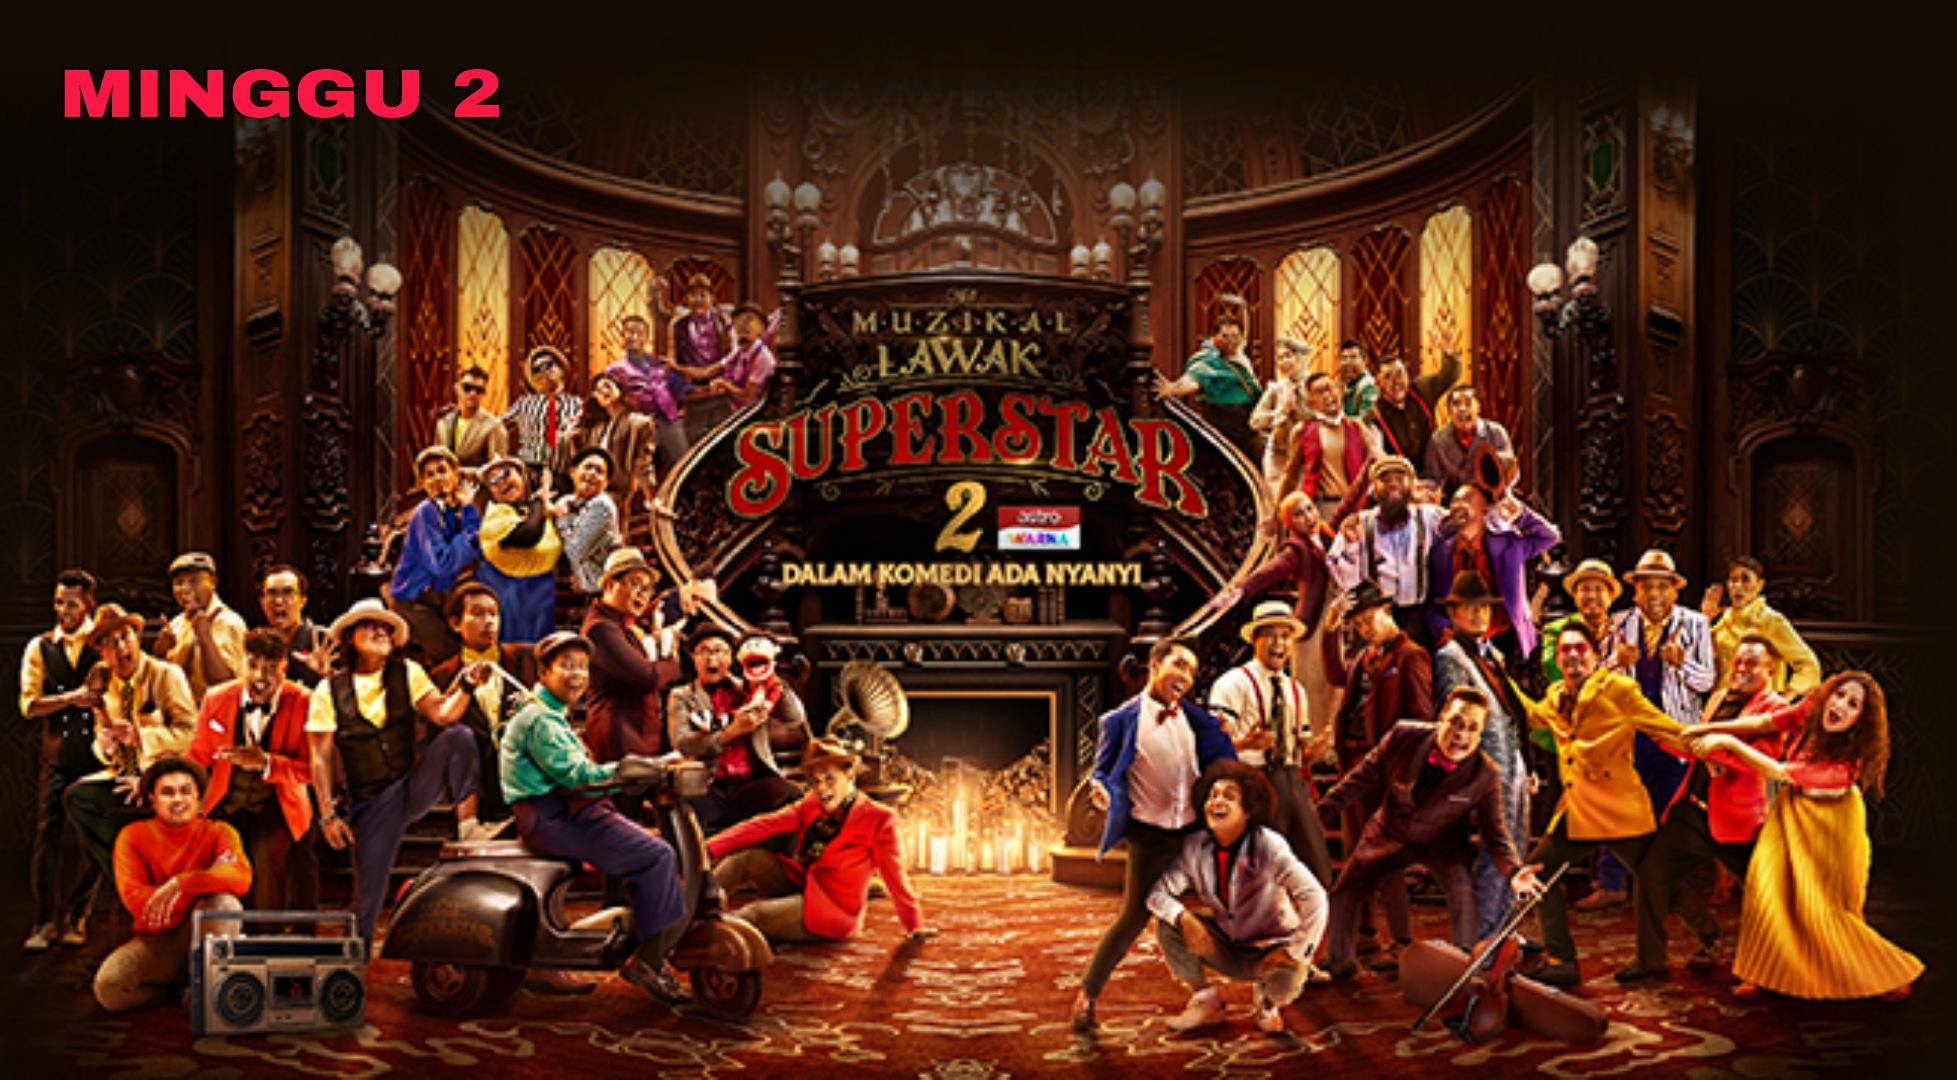 Live Streaming Muzikal Lawak Superstar 2020 Minggu 2 (Siaran Langsung)